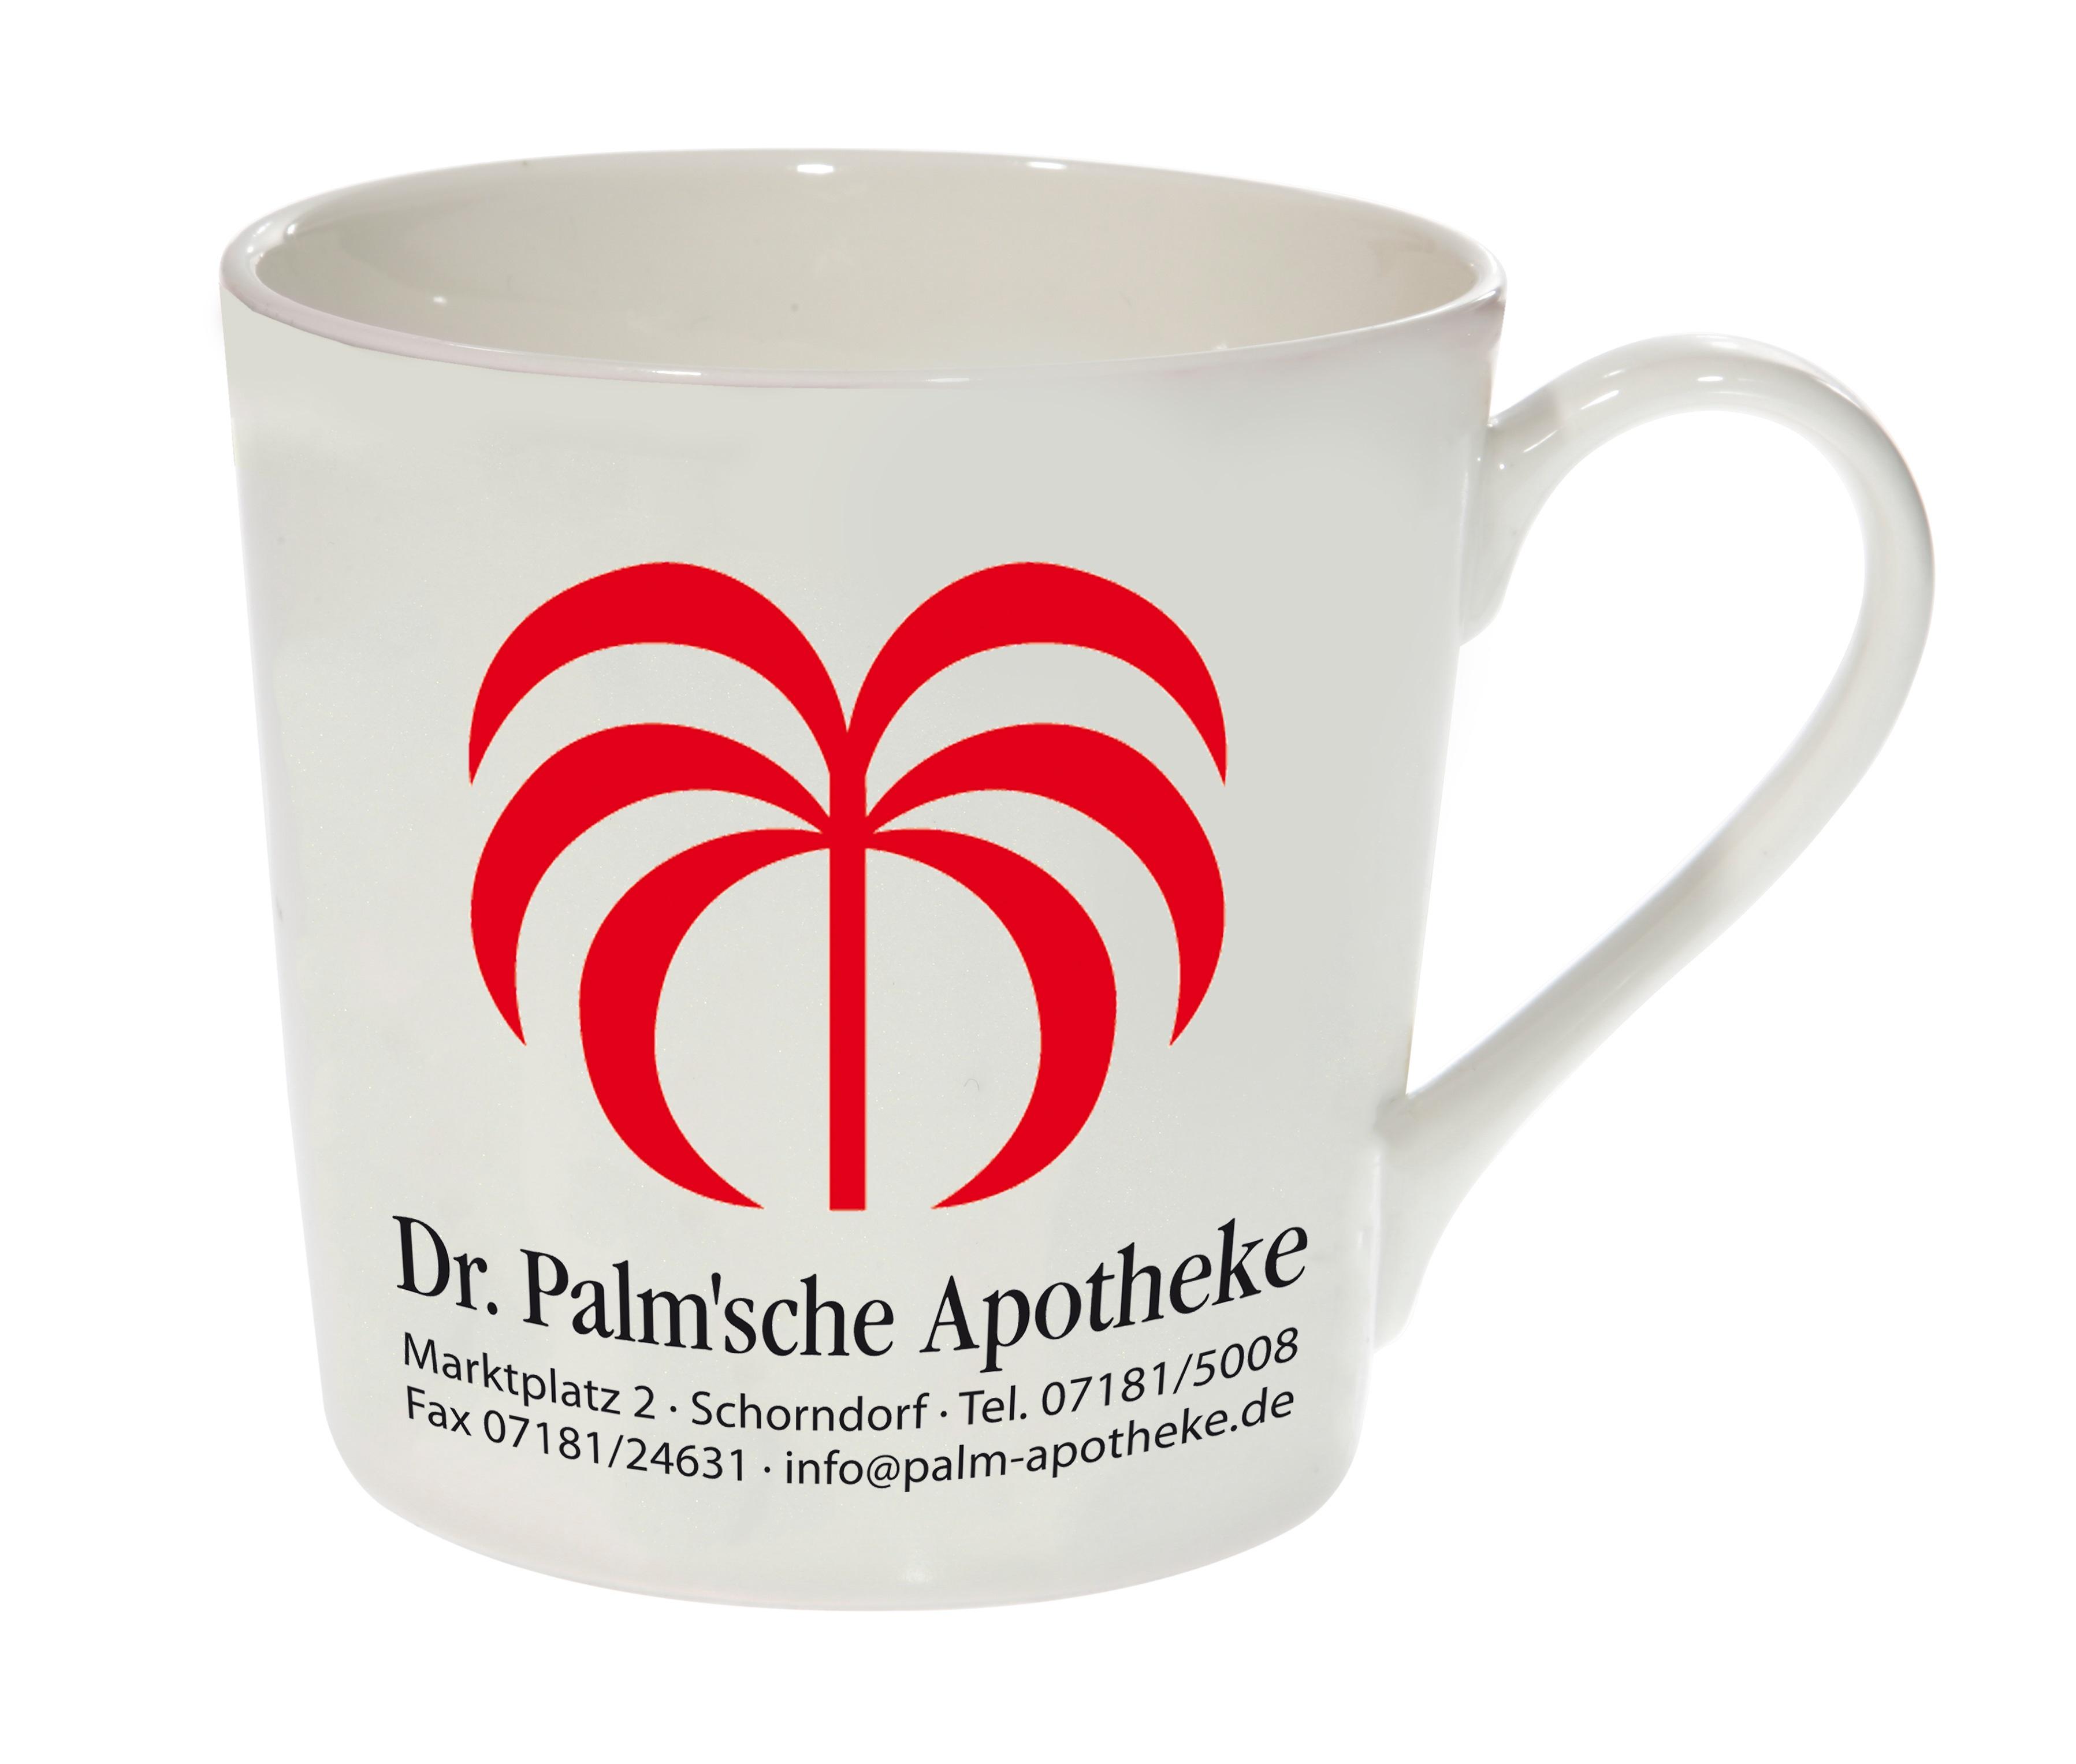 Tasse mit Logodruck aus Porzellan sehr fein verarbeitet, Höhe 90 mm, Durchmesser 95 mm, Inhalt 320 ml